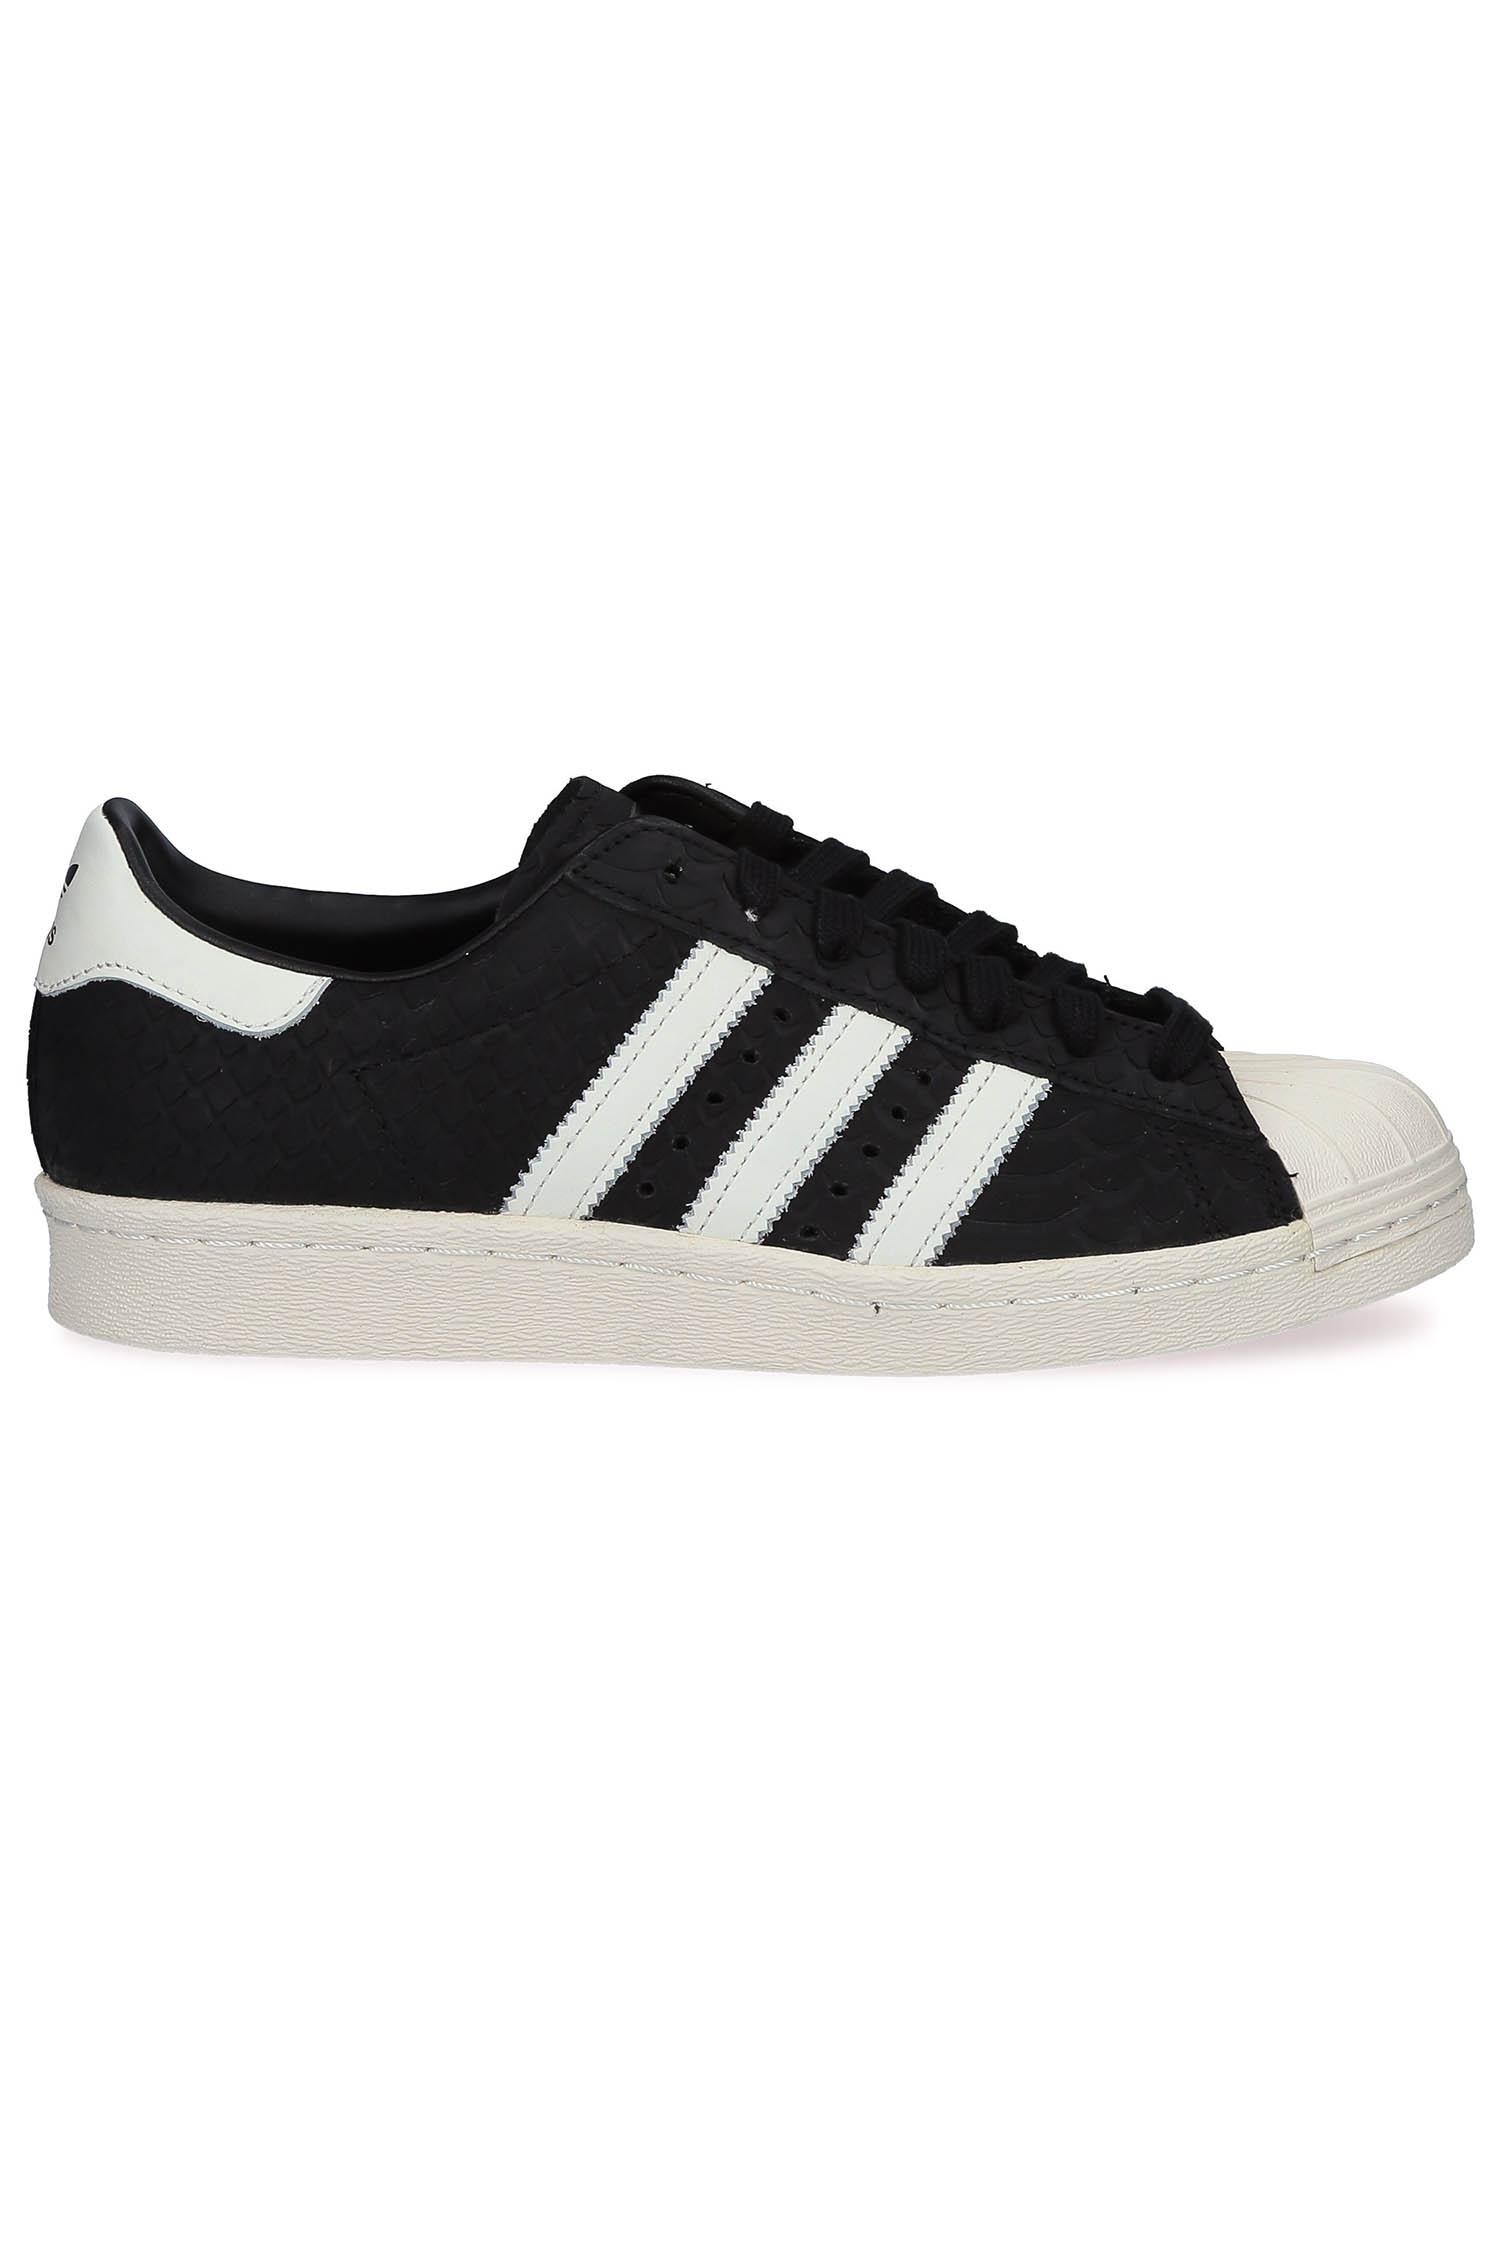 big sale df76e 9def6 adidas Originals   Baskets Superstar 80s W snake noir ...